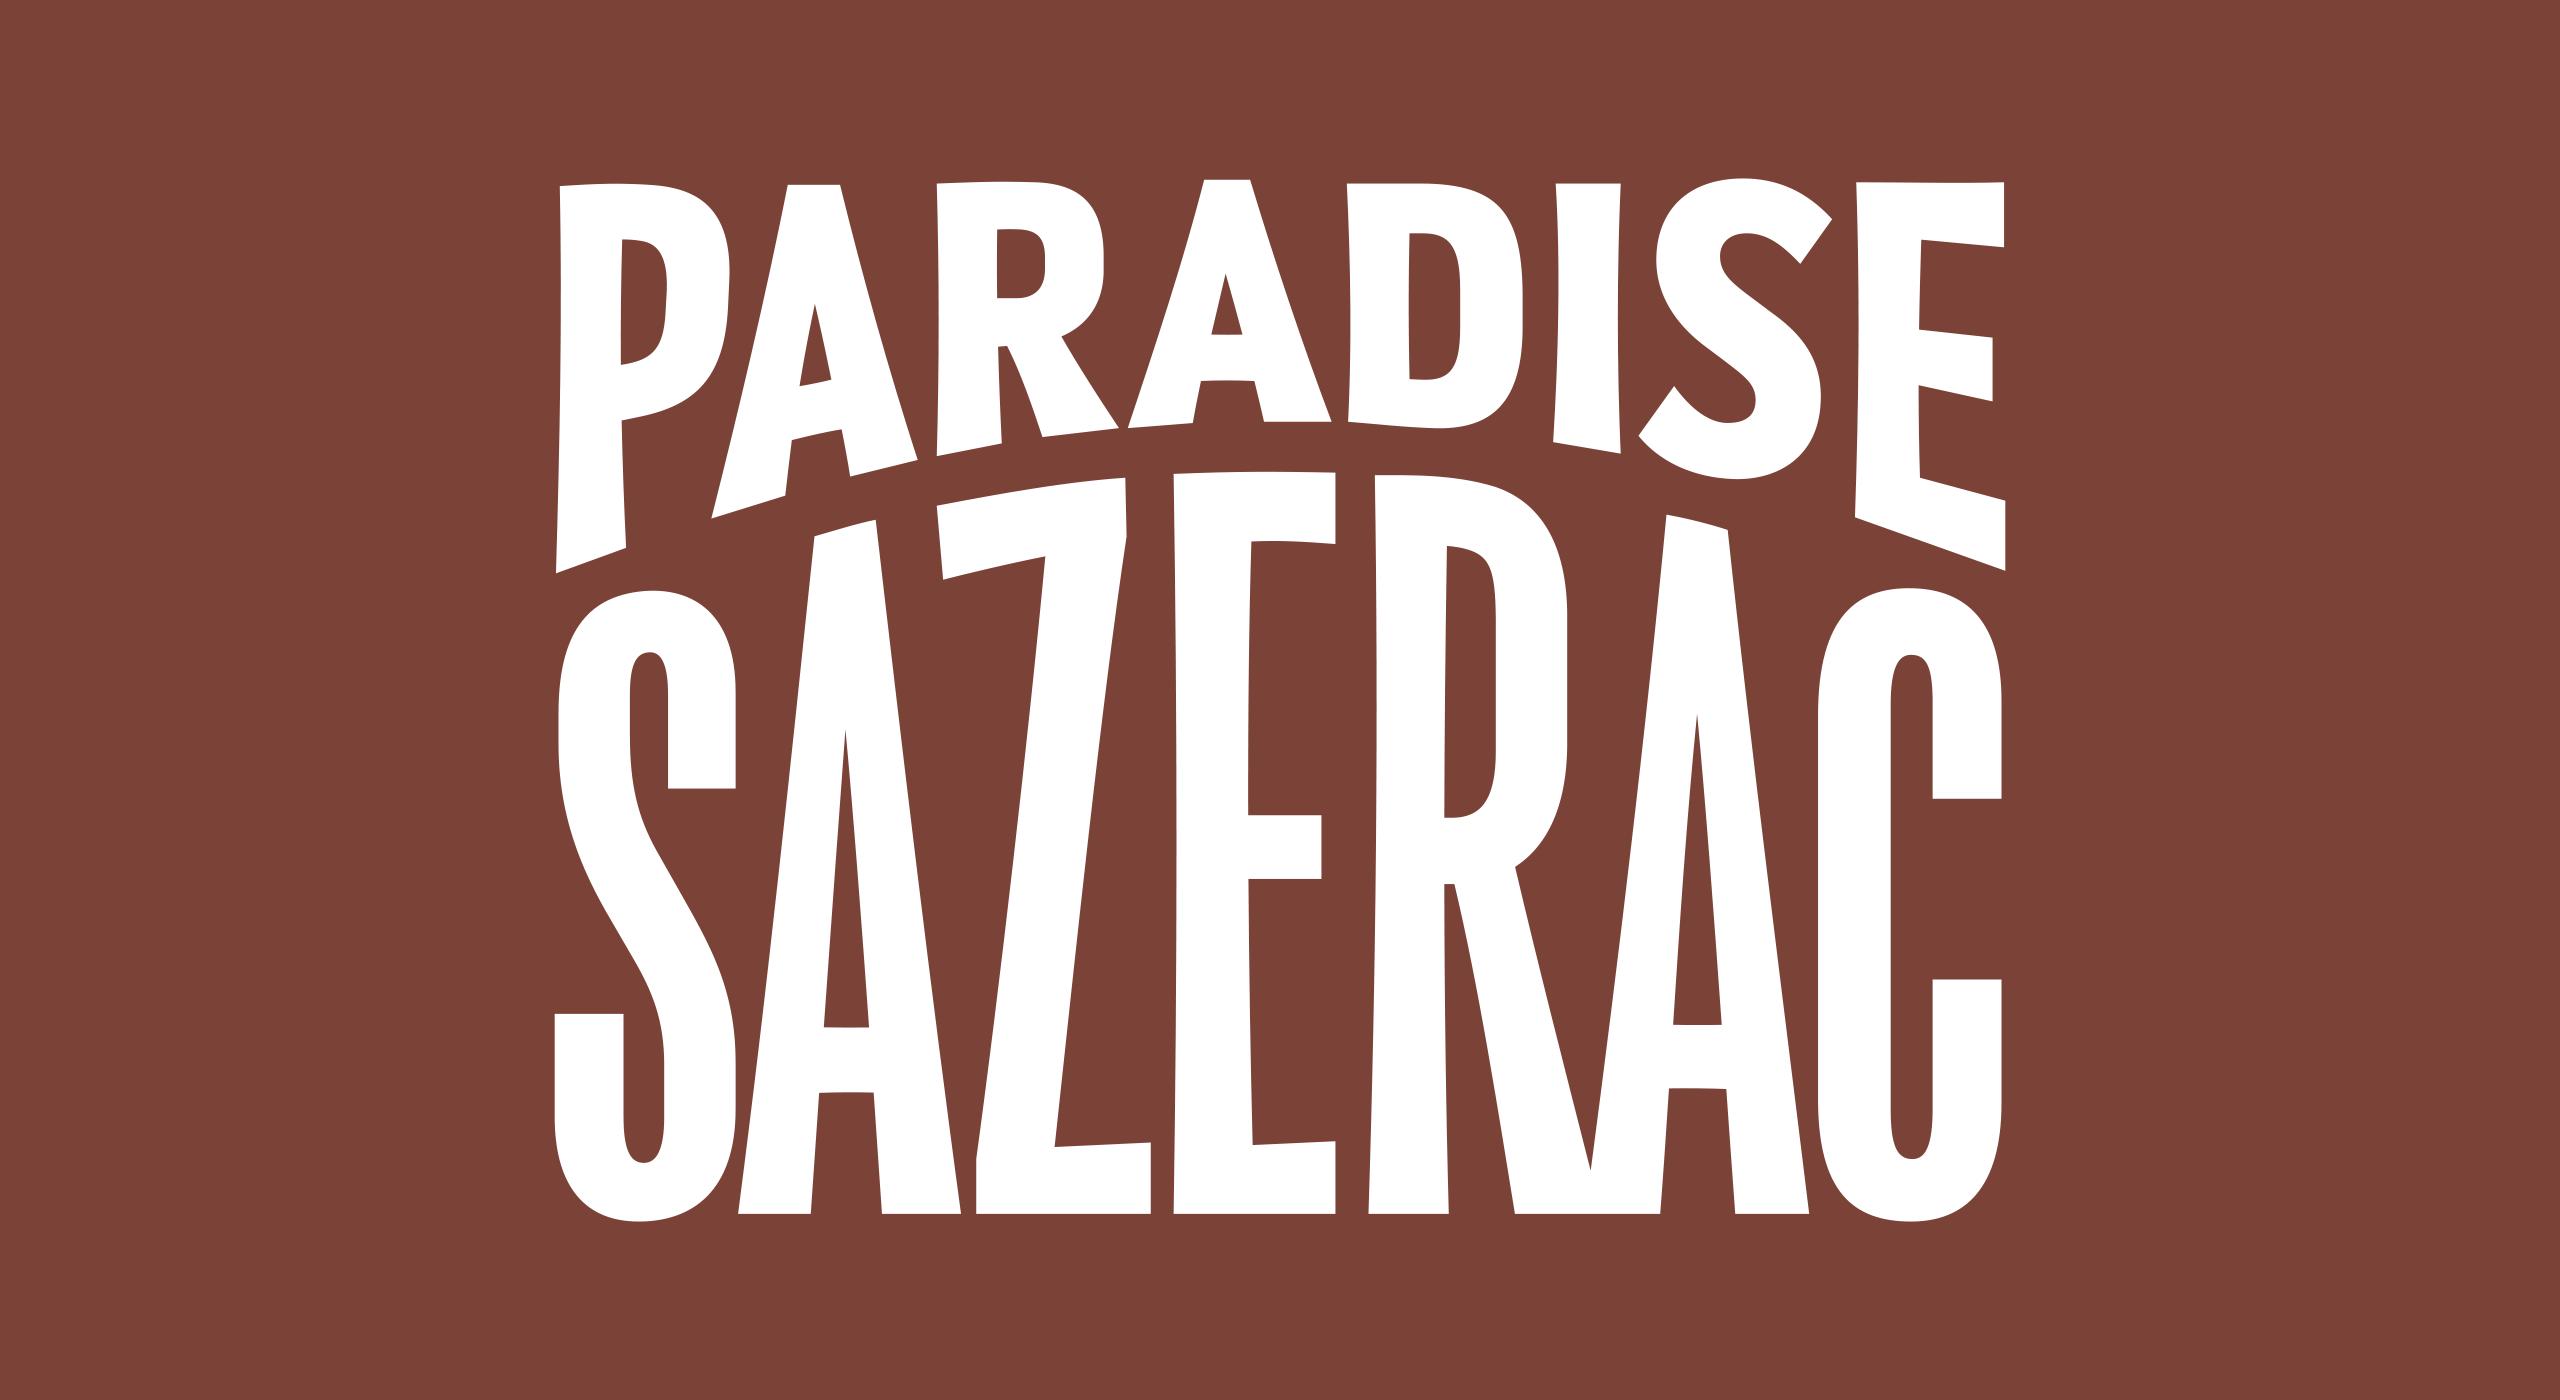 sazerac_typo